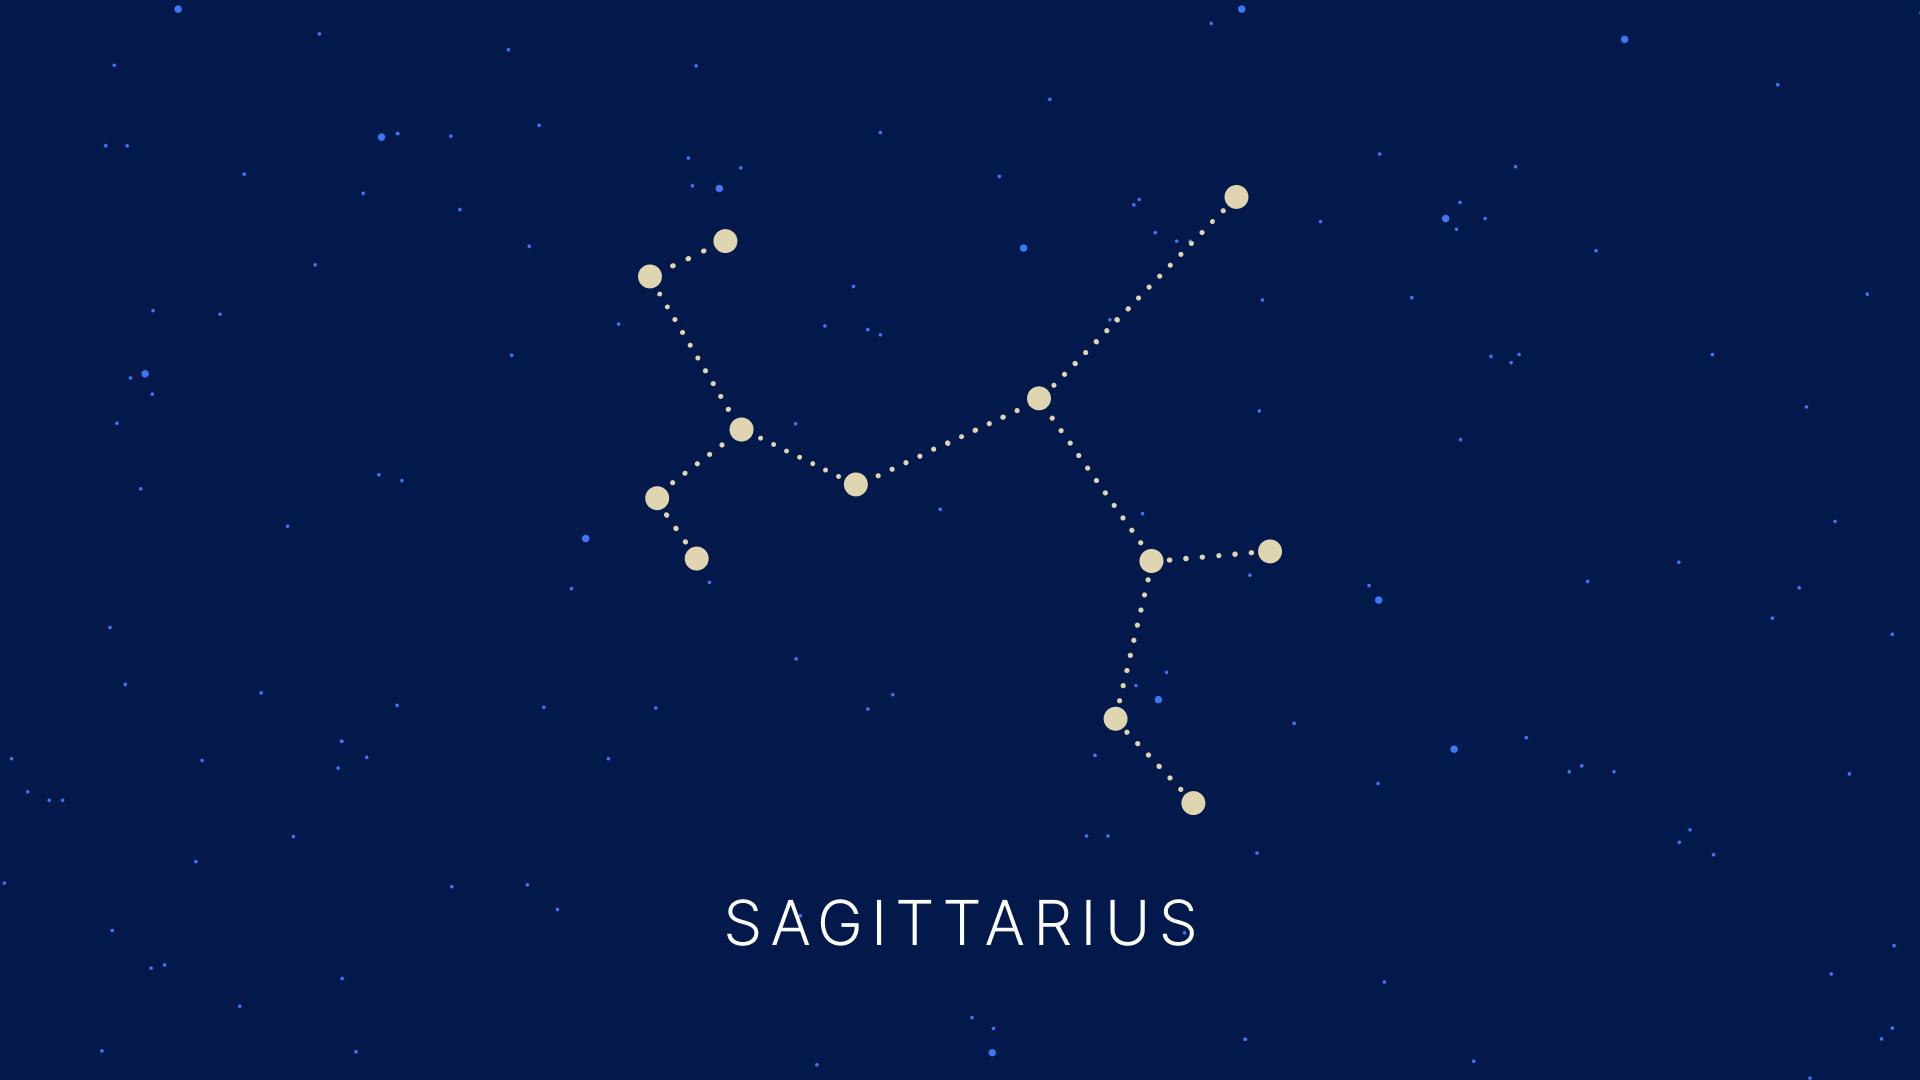 Sales Horoscope: Sagittarius